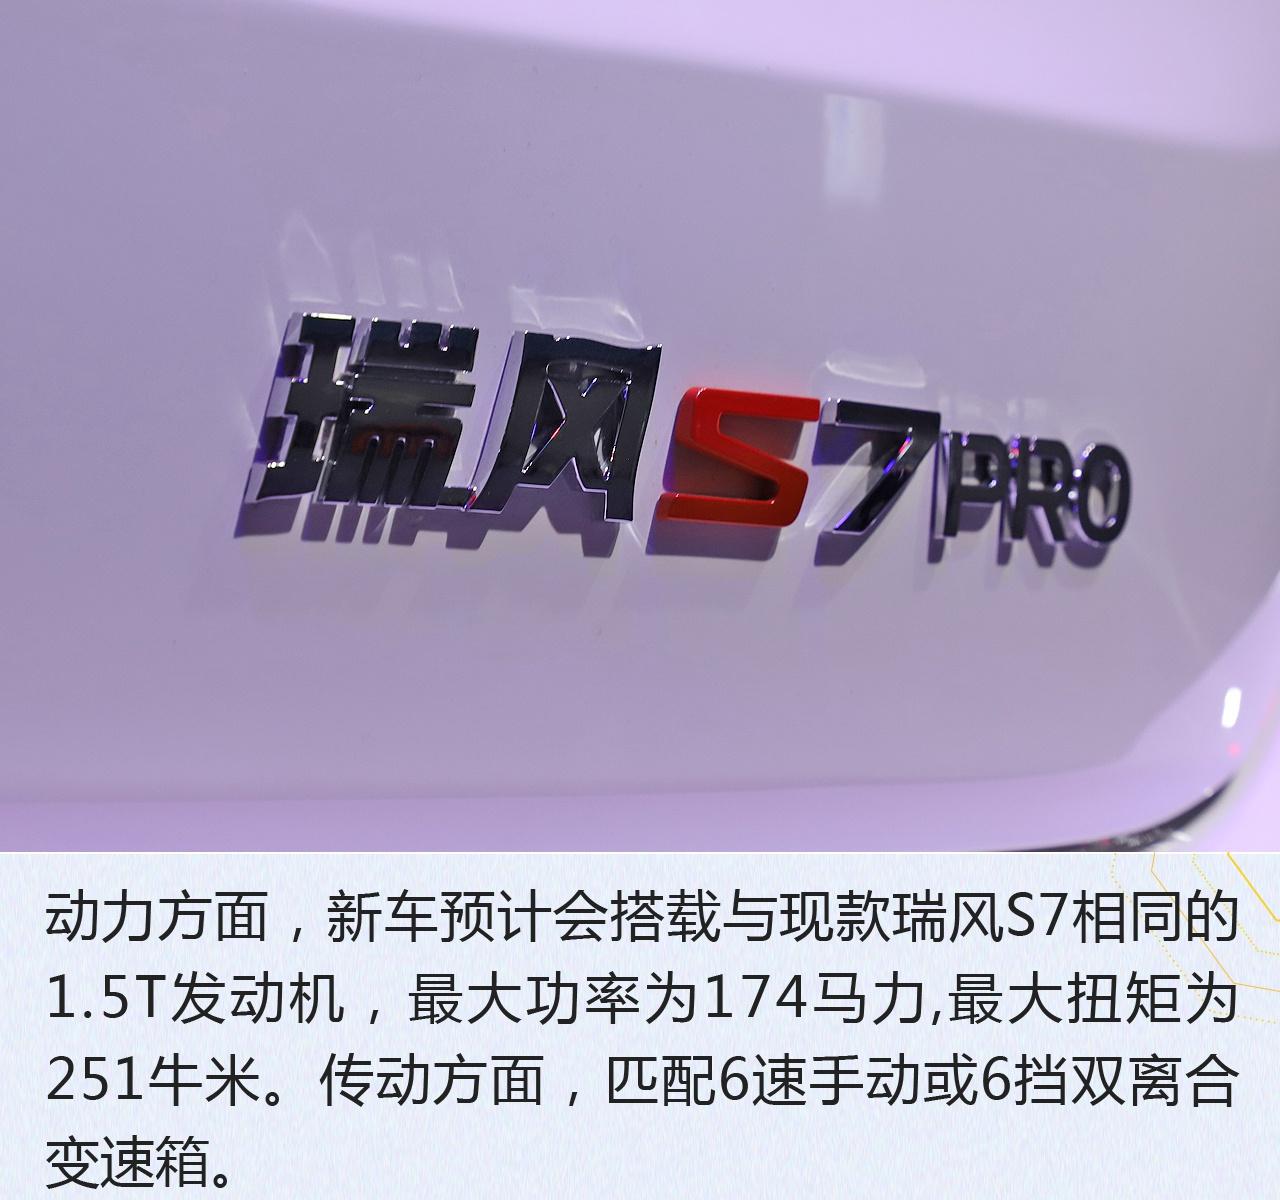 2019广州车展:不叫PRO都不好意思出门了 解析江淮瑞风S7 PRO